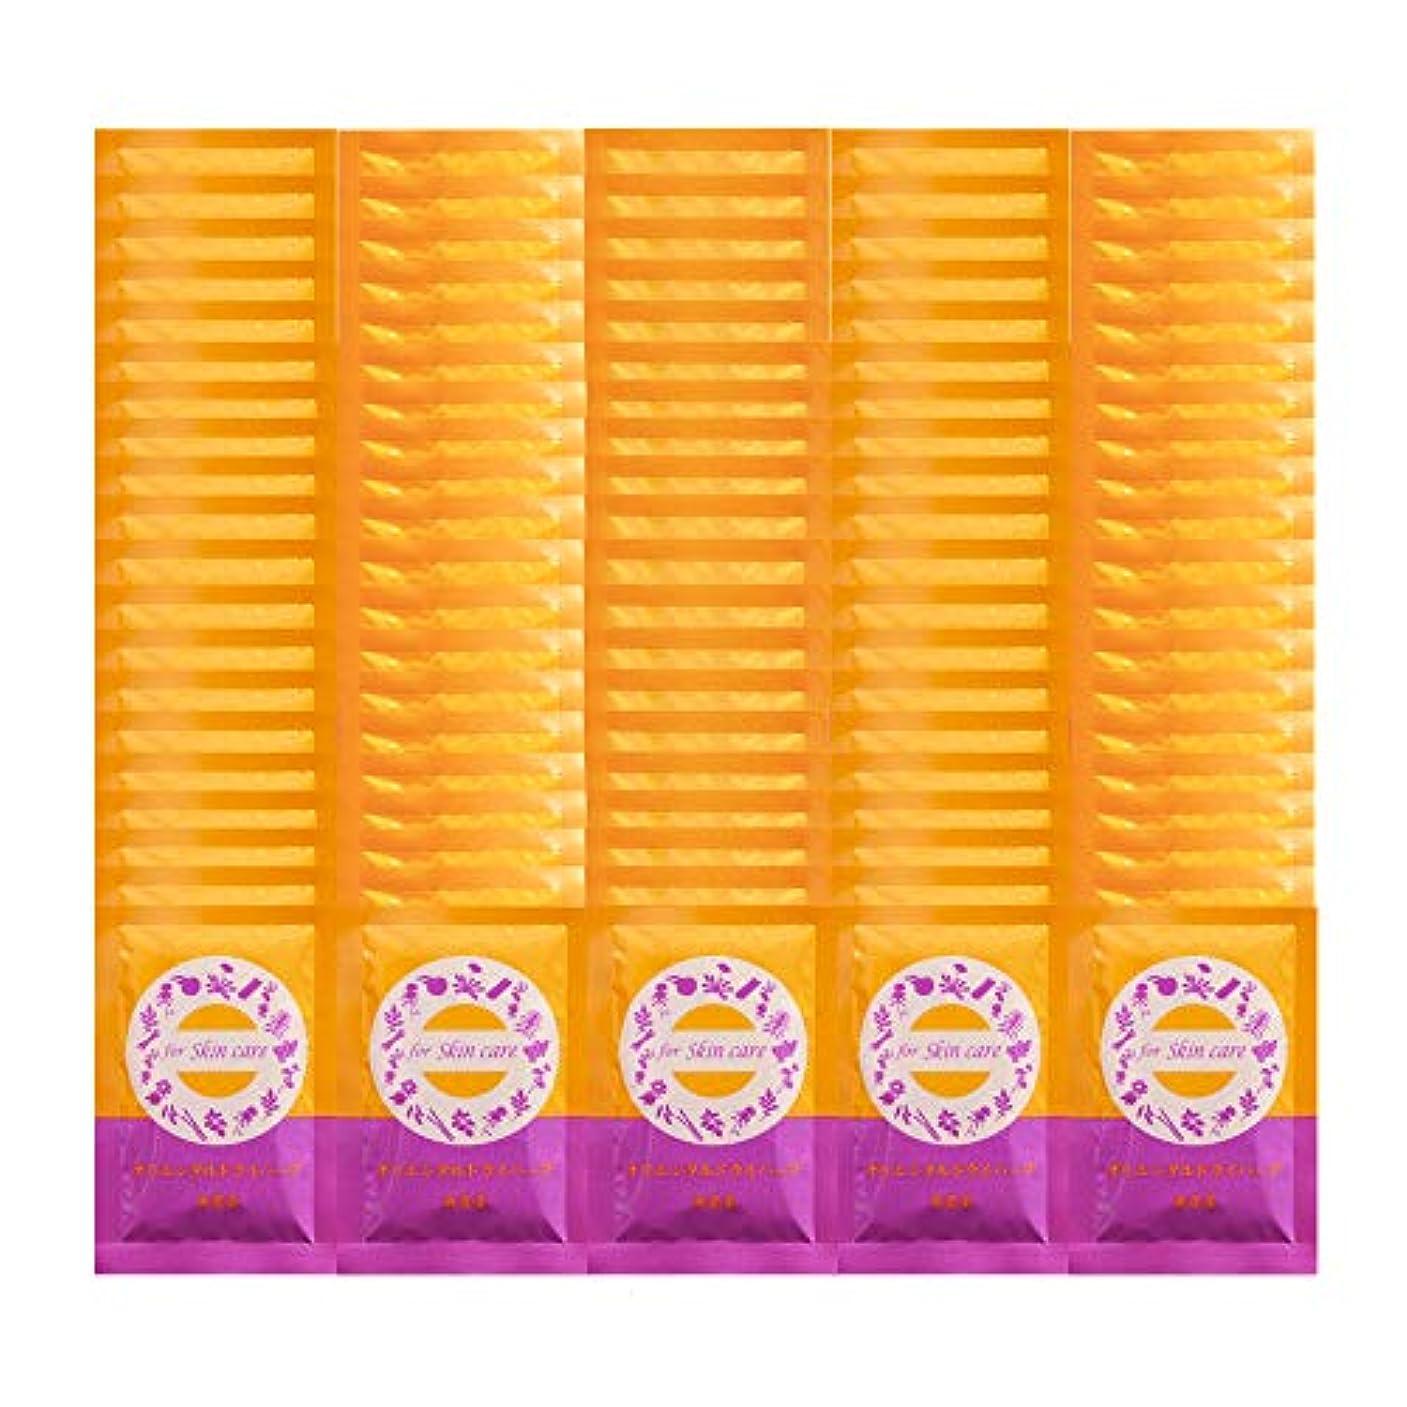 同封する悲劇的な豆韓方座浴剤 100包 セット ファンジン (皮膚美容用100包)